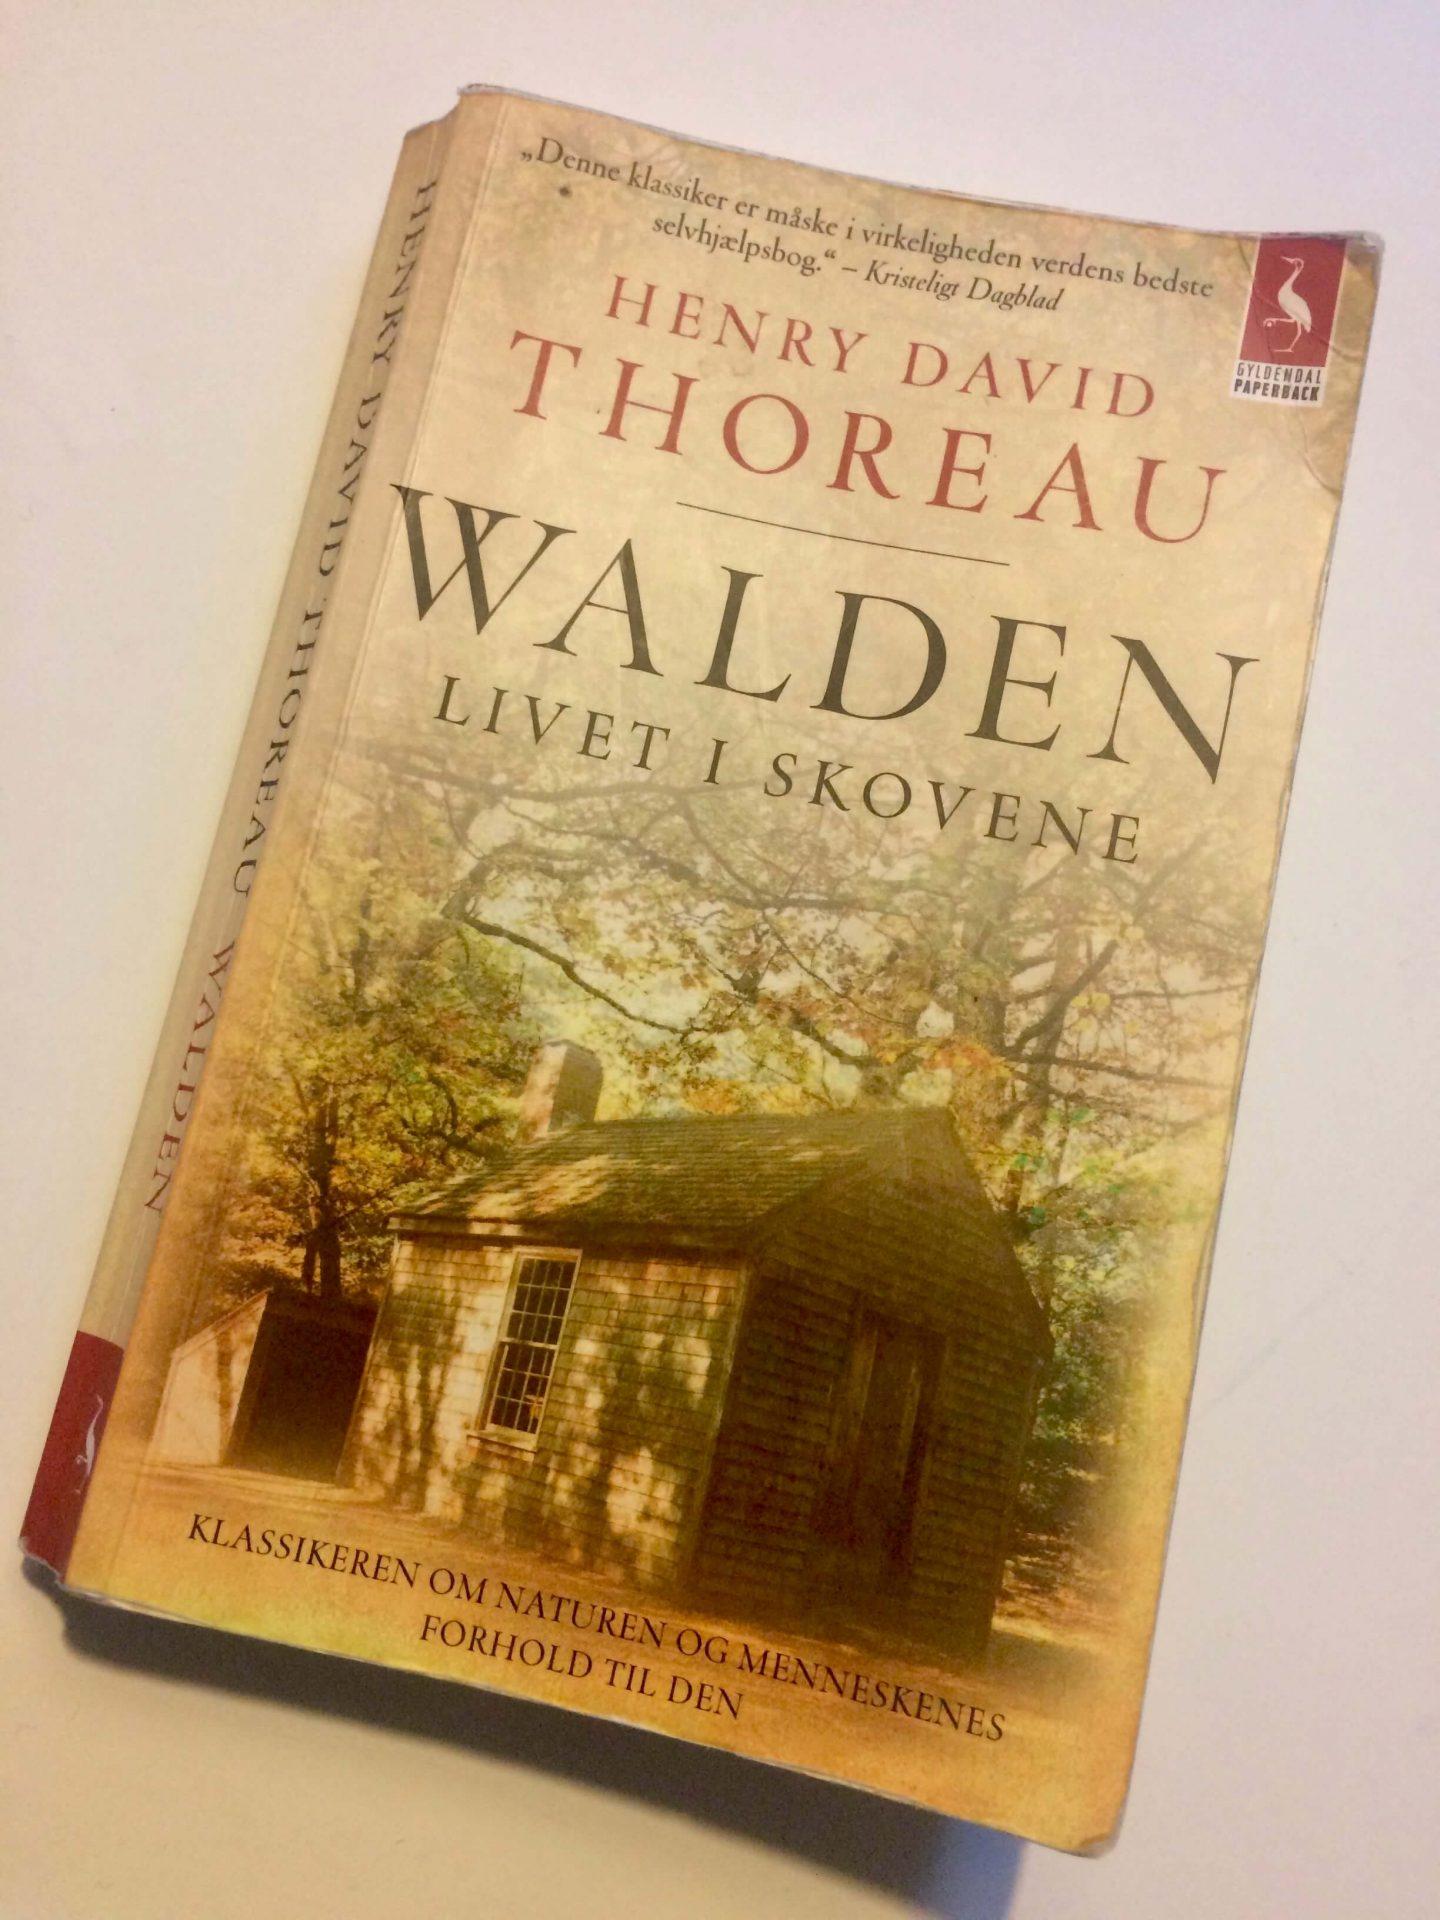 BOGHYLDEN: 'Walden – Livet i skovene' af Henry David Thoreau